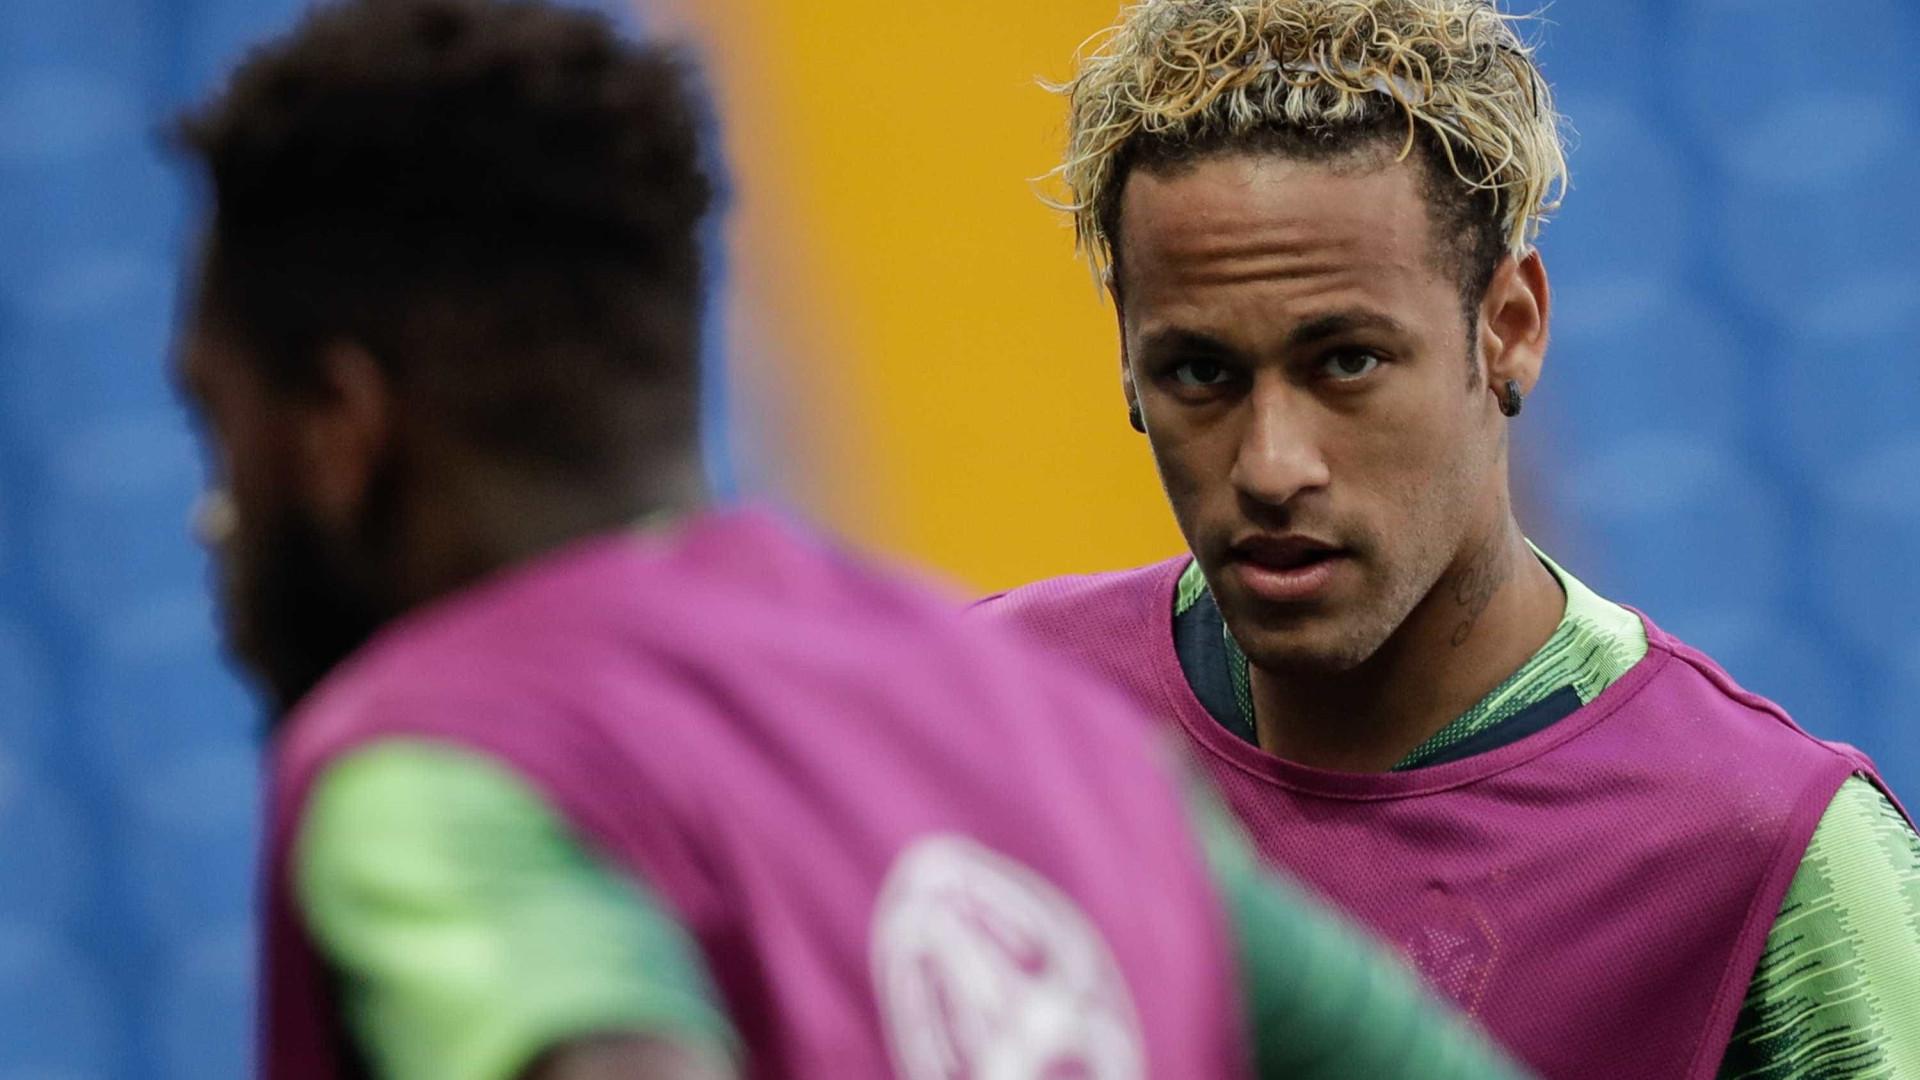 Comentarista da Globo critica Neymar por mudança de visual; veja